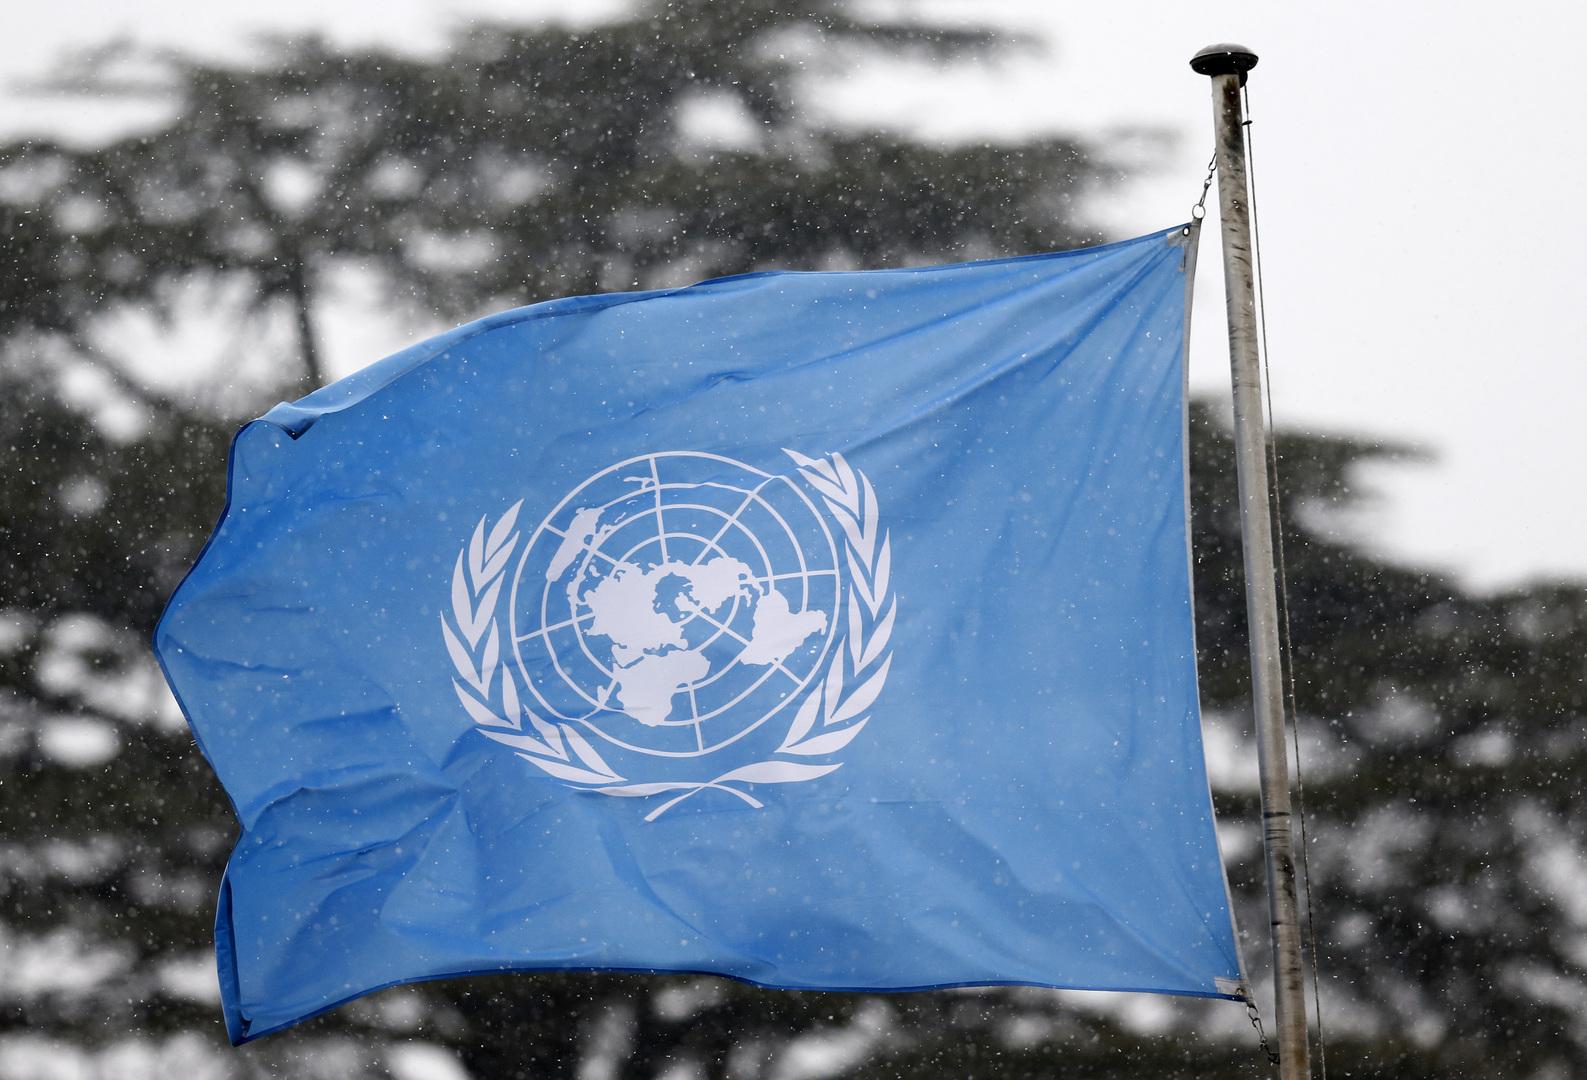 الأمم المتحدة تحذر من مجاعات بسبب تفشي كورونا وتطلق نداء لجمع مساعدات بقيمة 35 مليار دولار